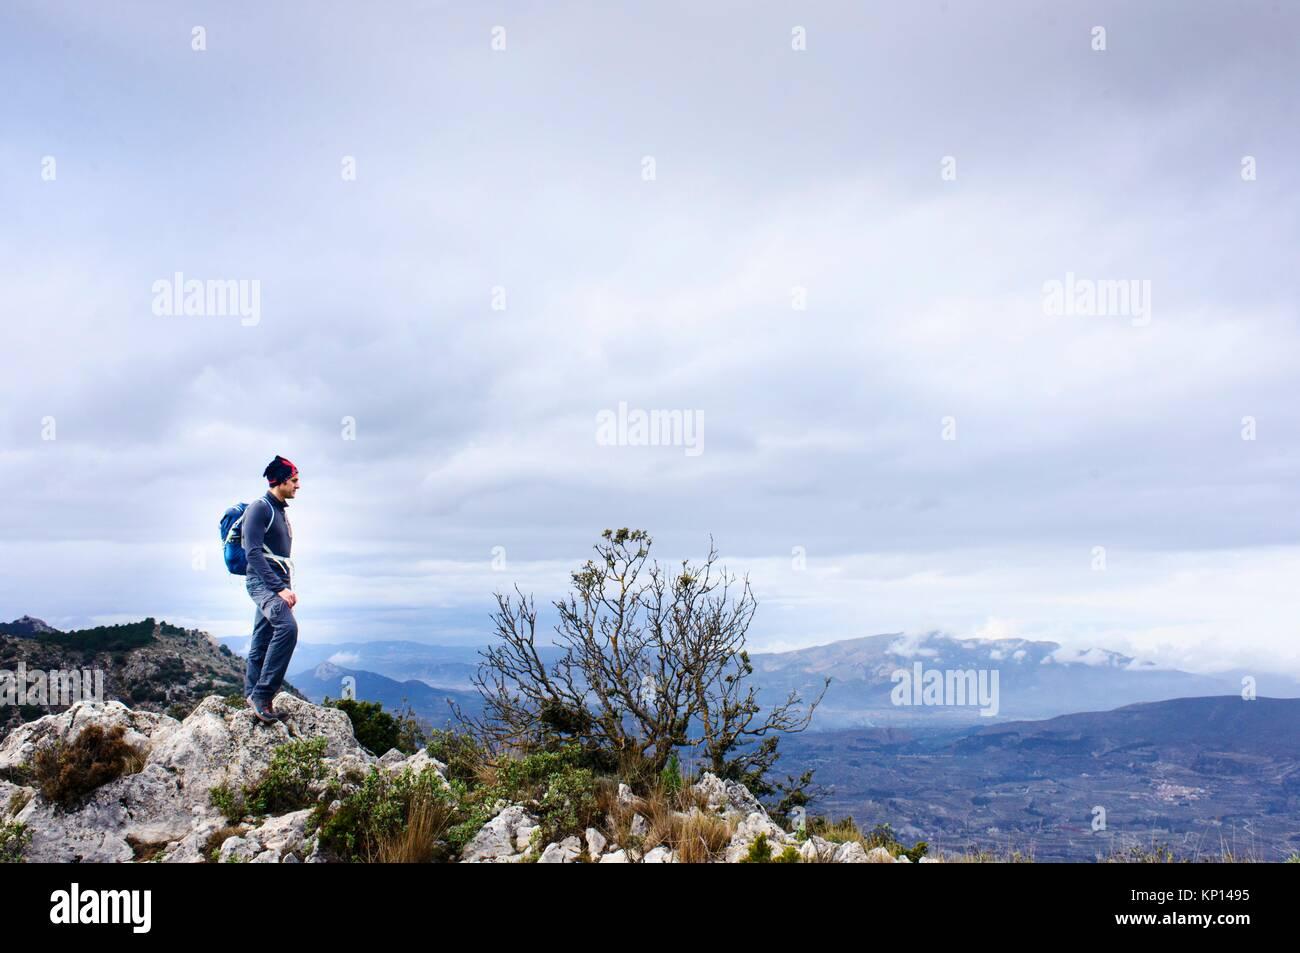 Ountaineer au sommet de la montagne de Quatretondeta, Alicante, Valencia, Espagne Banque D'Images